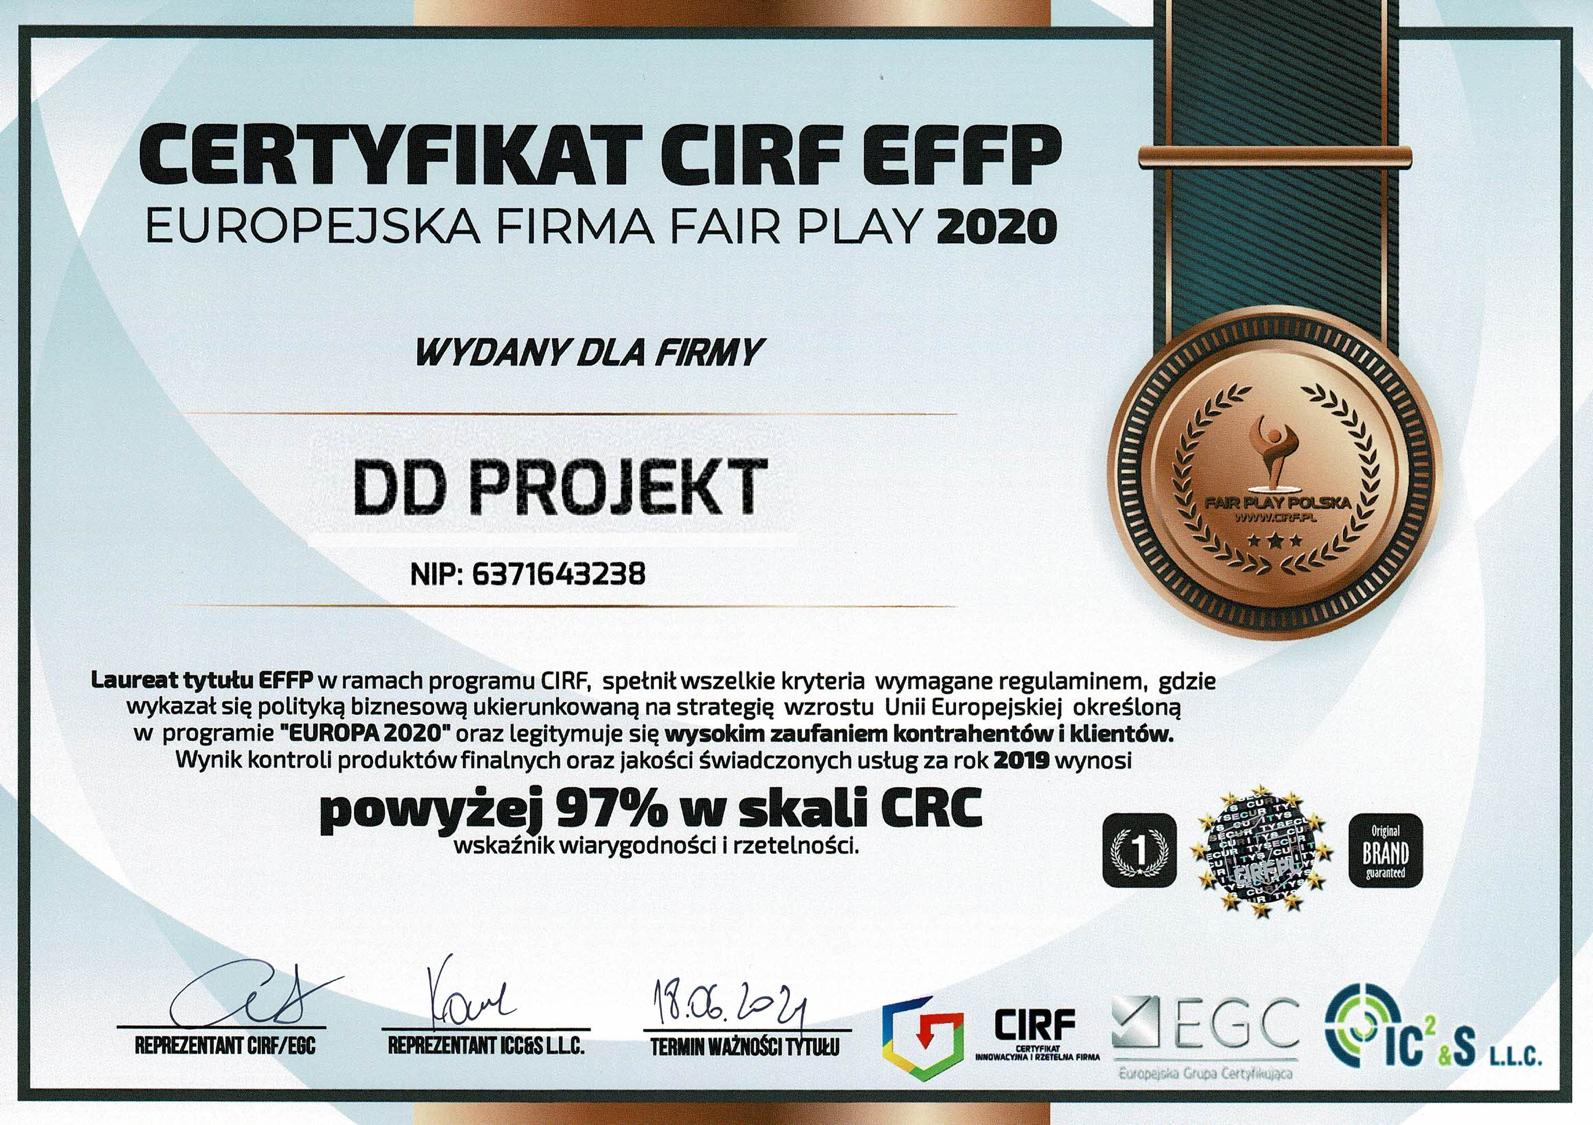 https://ddprojekt.pl/wp-content/uploads/2020/06/Certyfikat-CIRF-.png